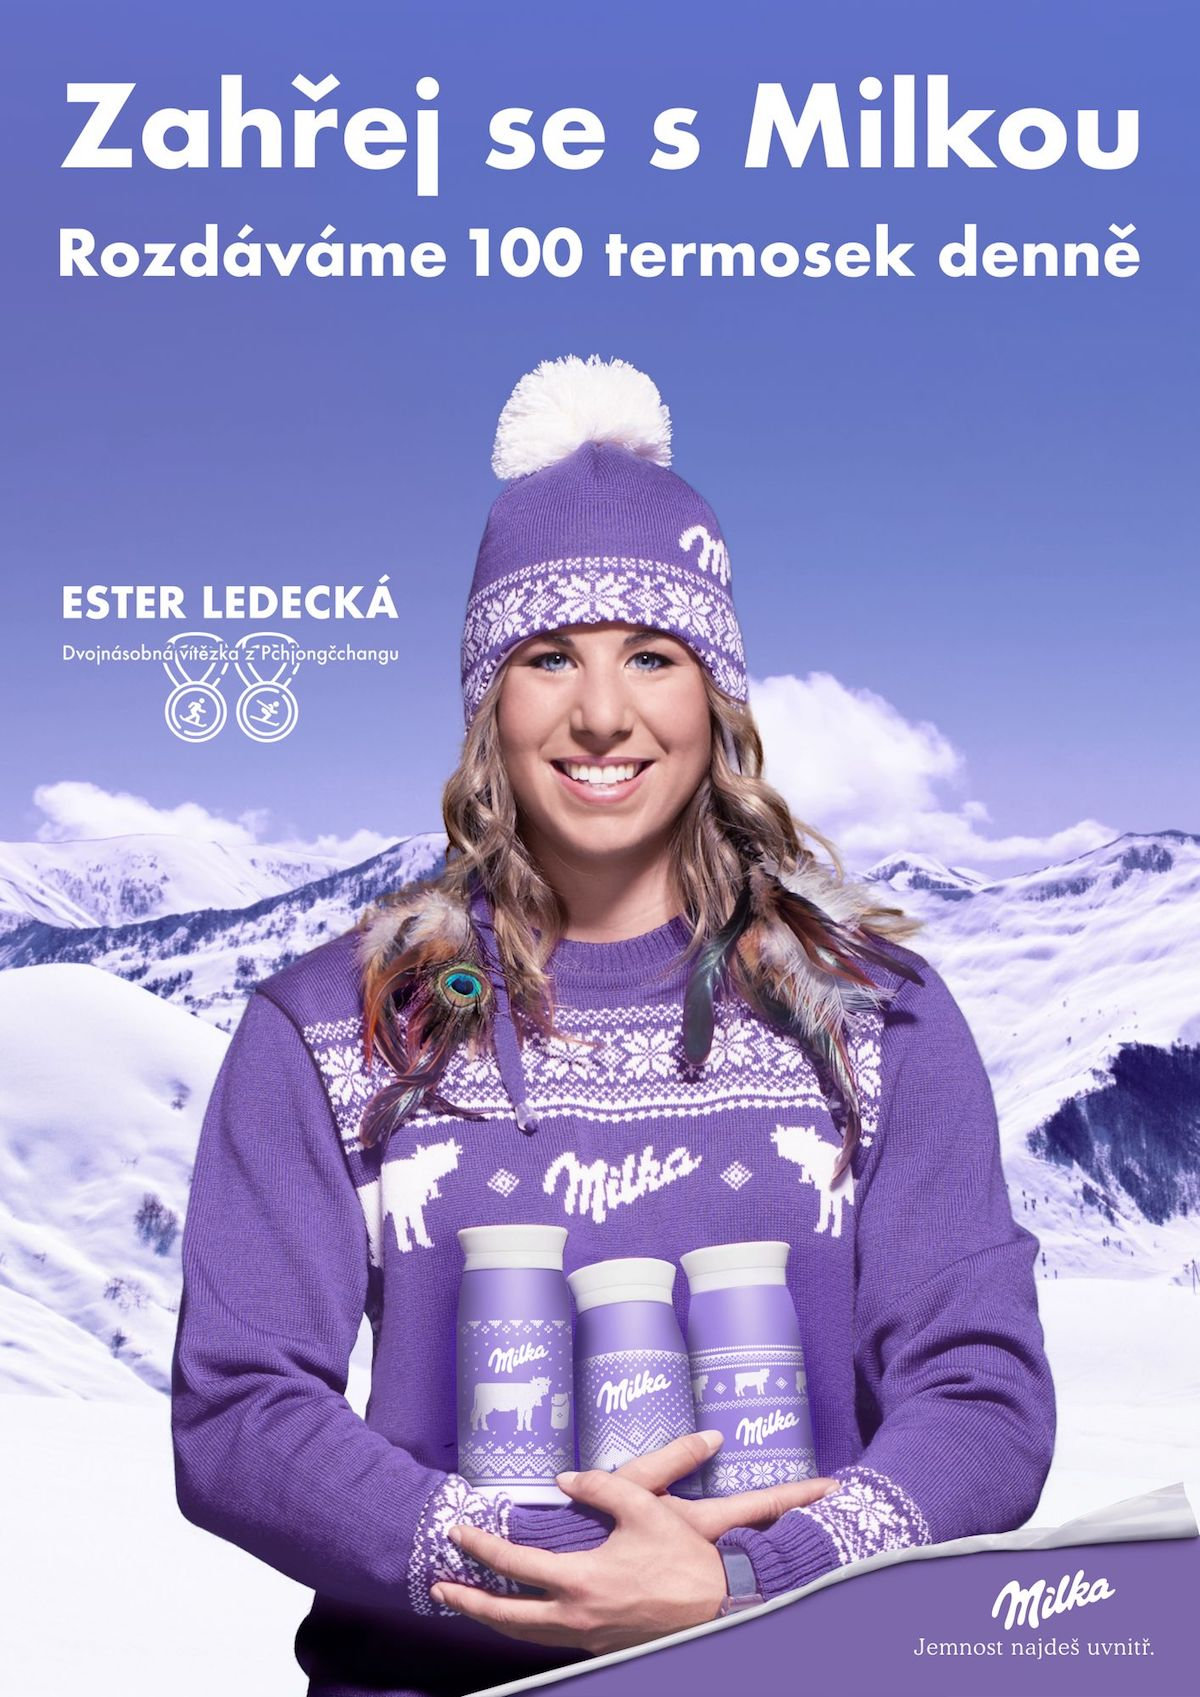 Ukázka připravované kampaně pro značku Milka s její novou tváří Ester Ledeckou